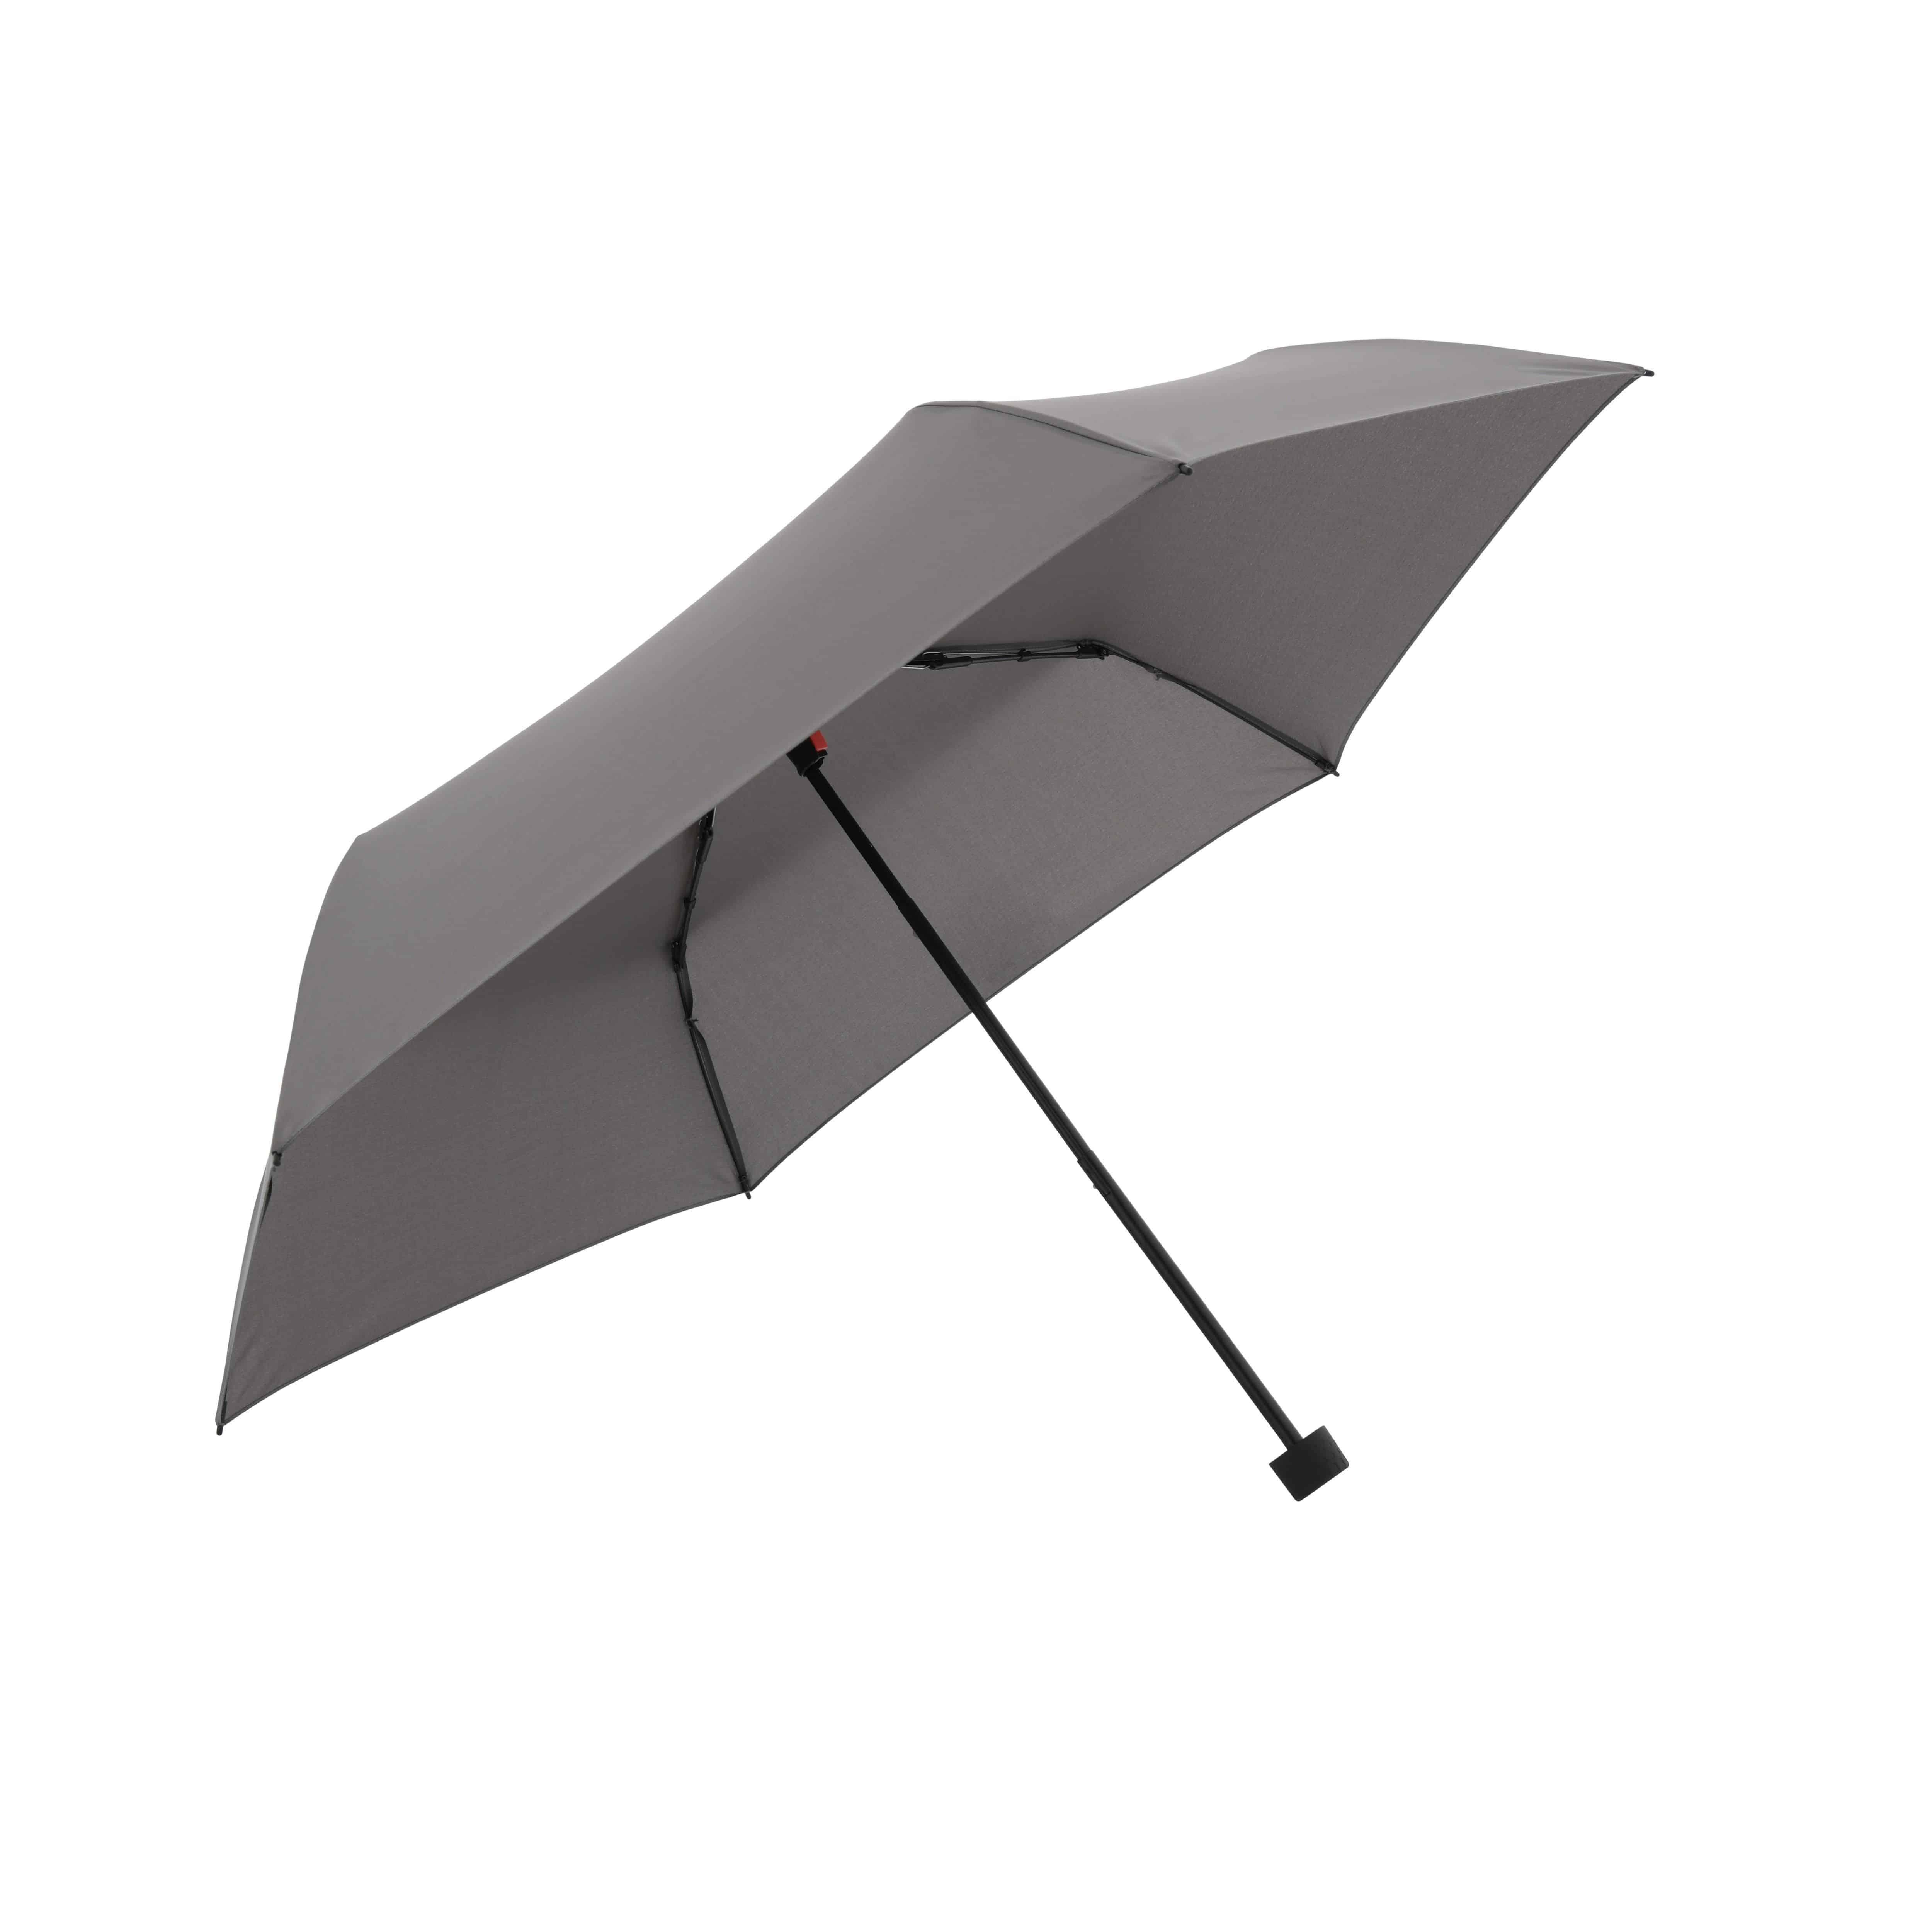 Knirps Umbrella C.050 medium manual - photo 5